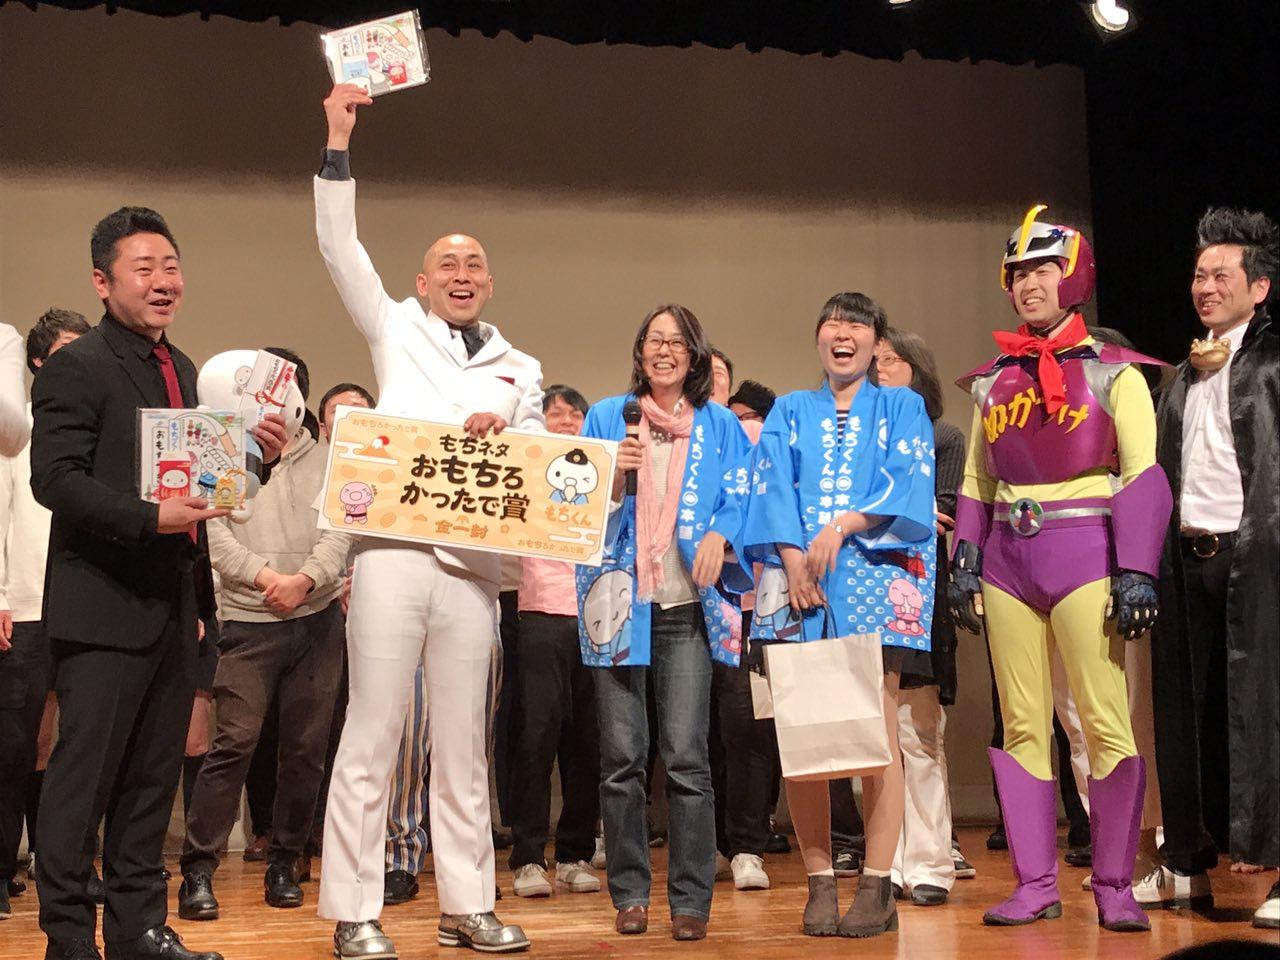 もちくん賞は錦鯉さん。もちくん、山崎さん